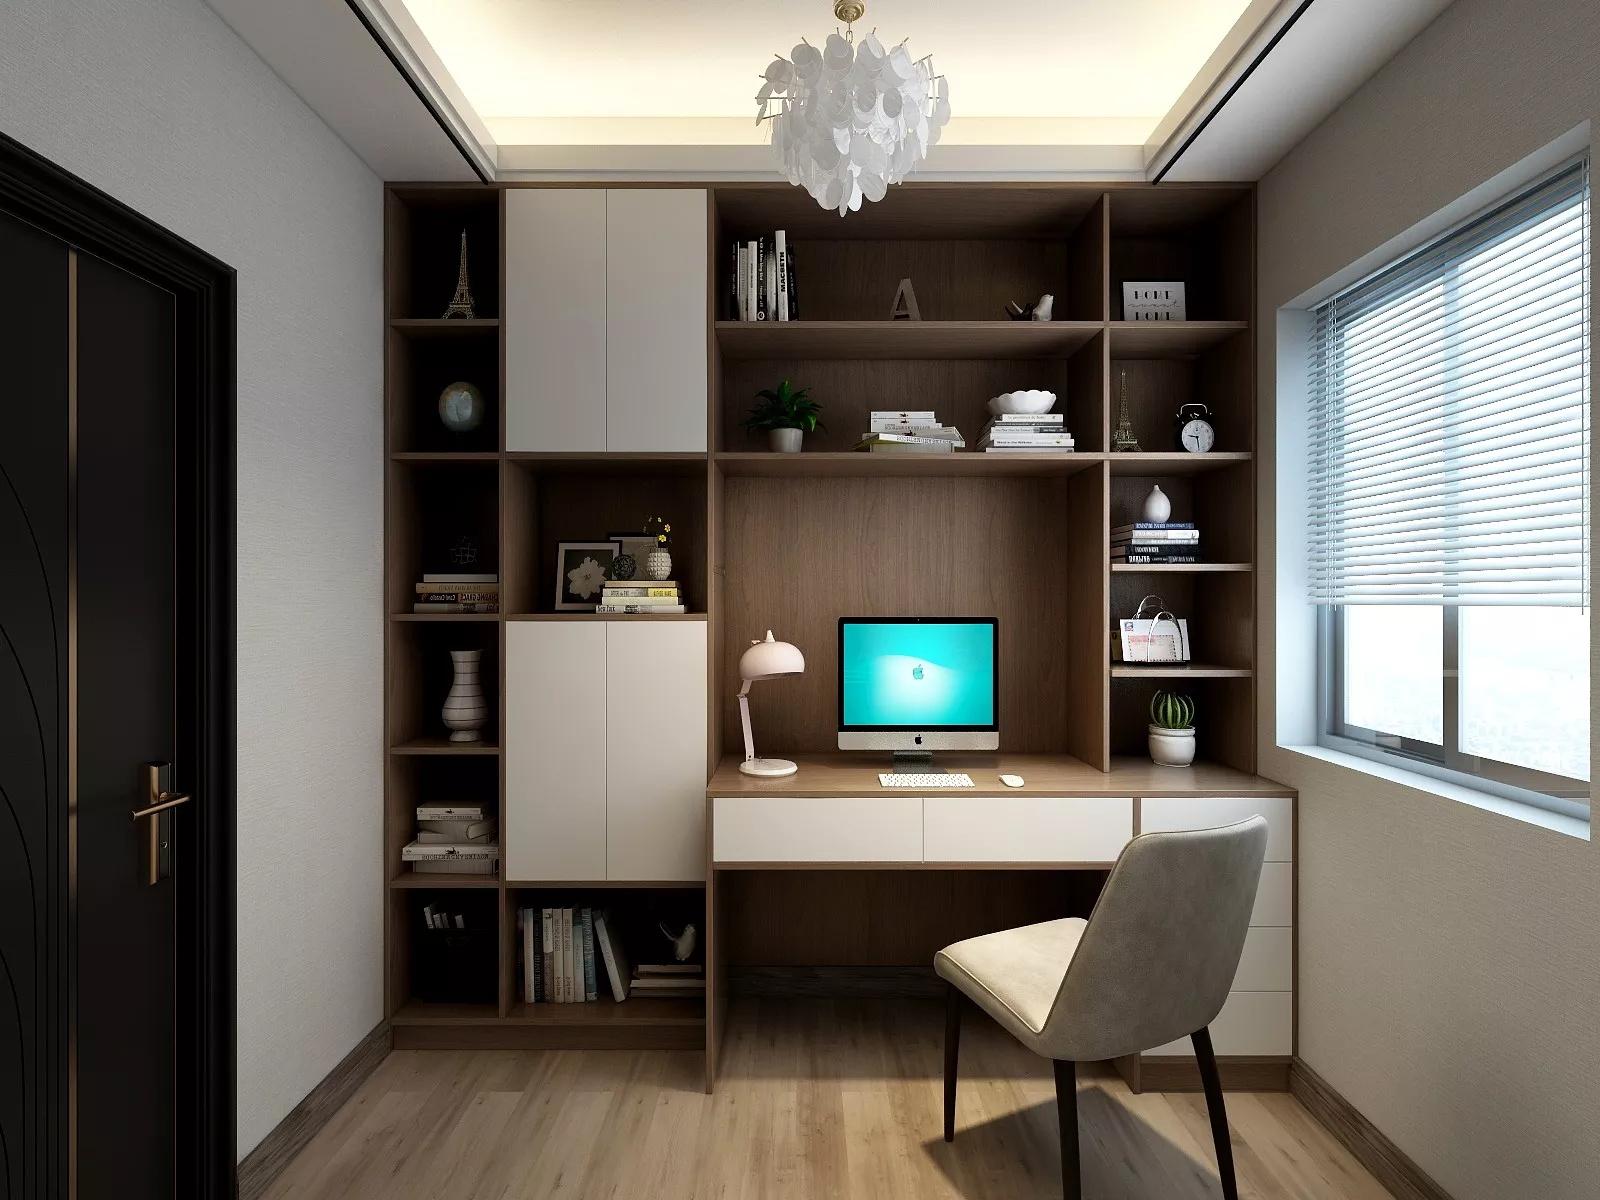 地暖是鋪木地板好還是地磚好?裝修地暖用瓷磚還是木地板好?